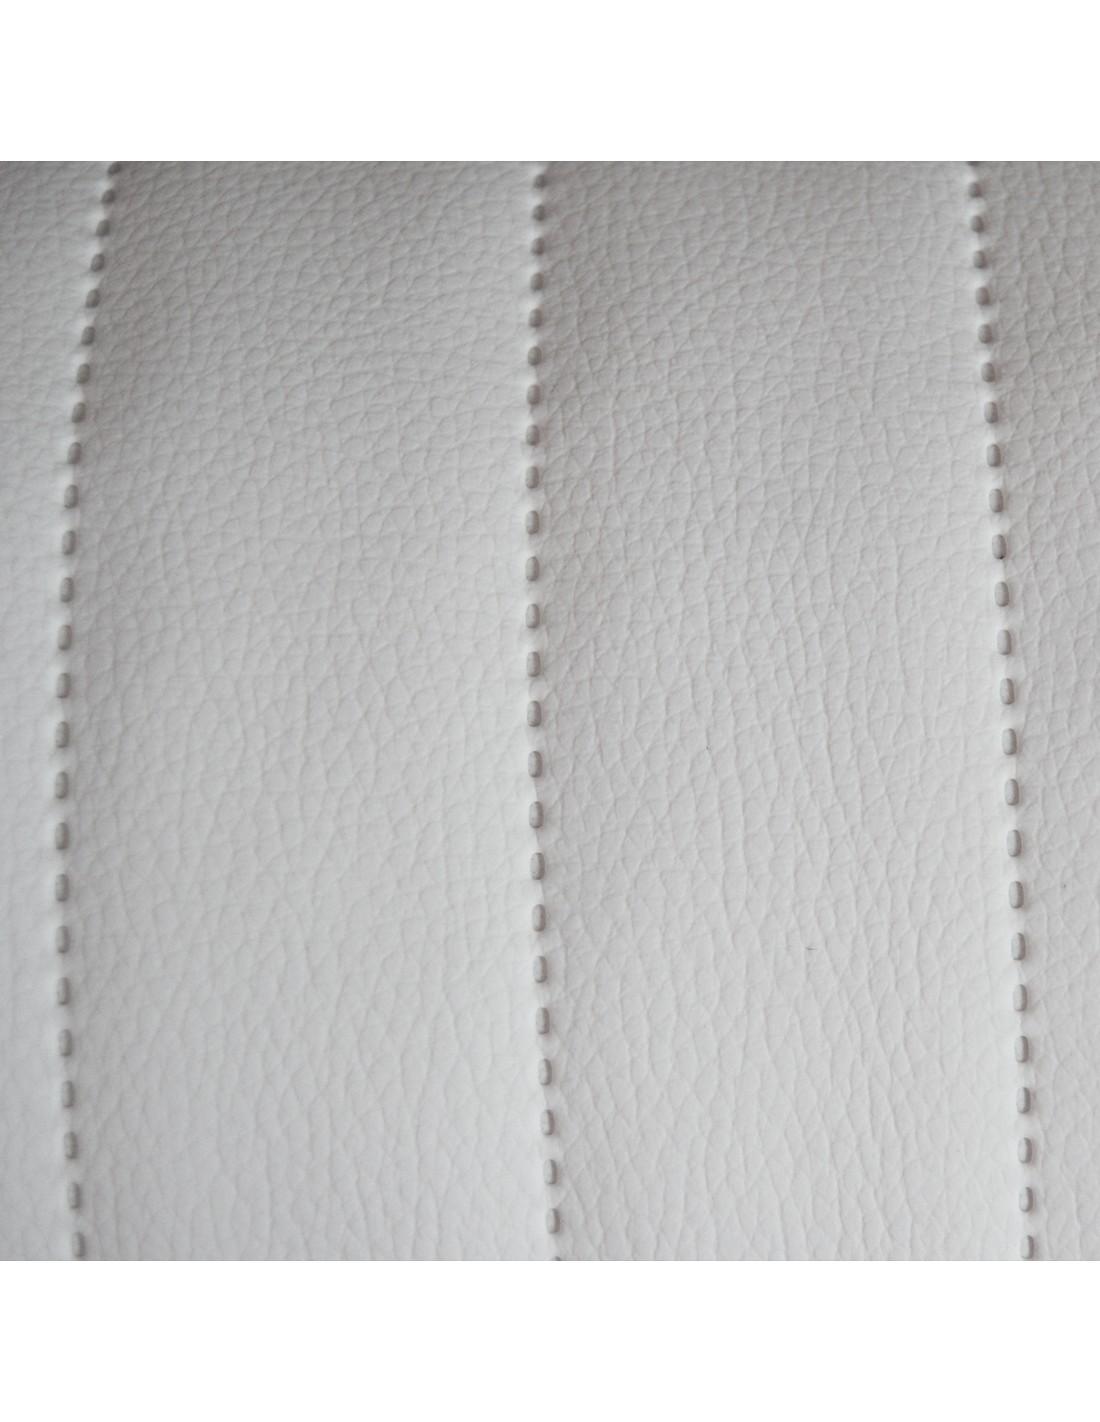 794ffaa032da07 Tkaniny Teker.pl – sklep internetowy z tkaninami tapicerskimi